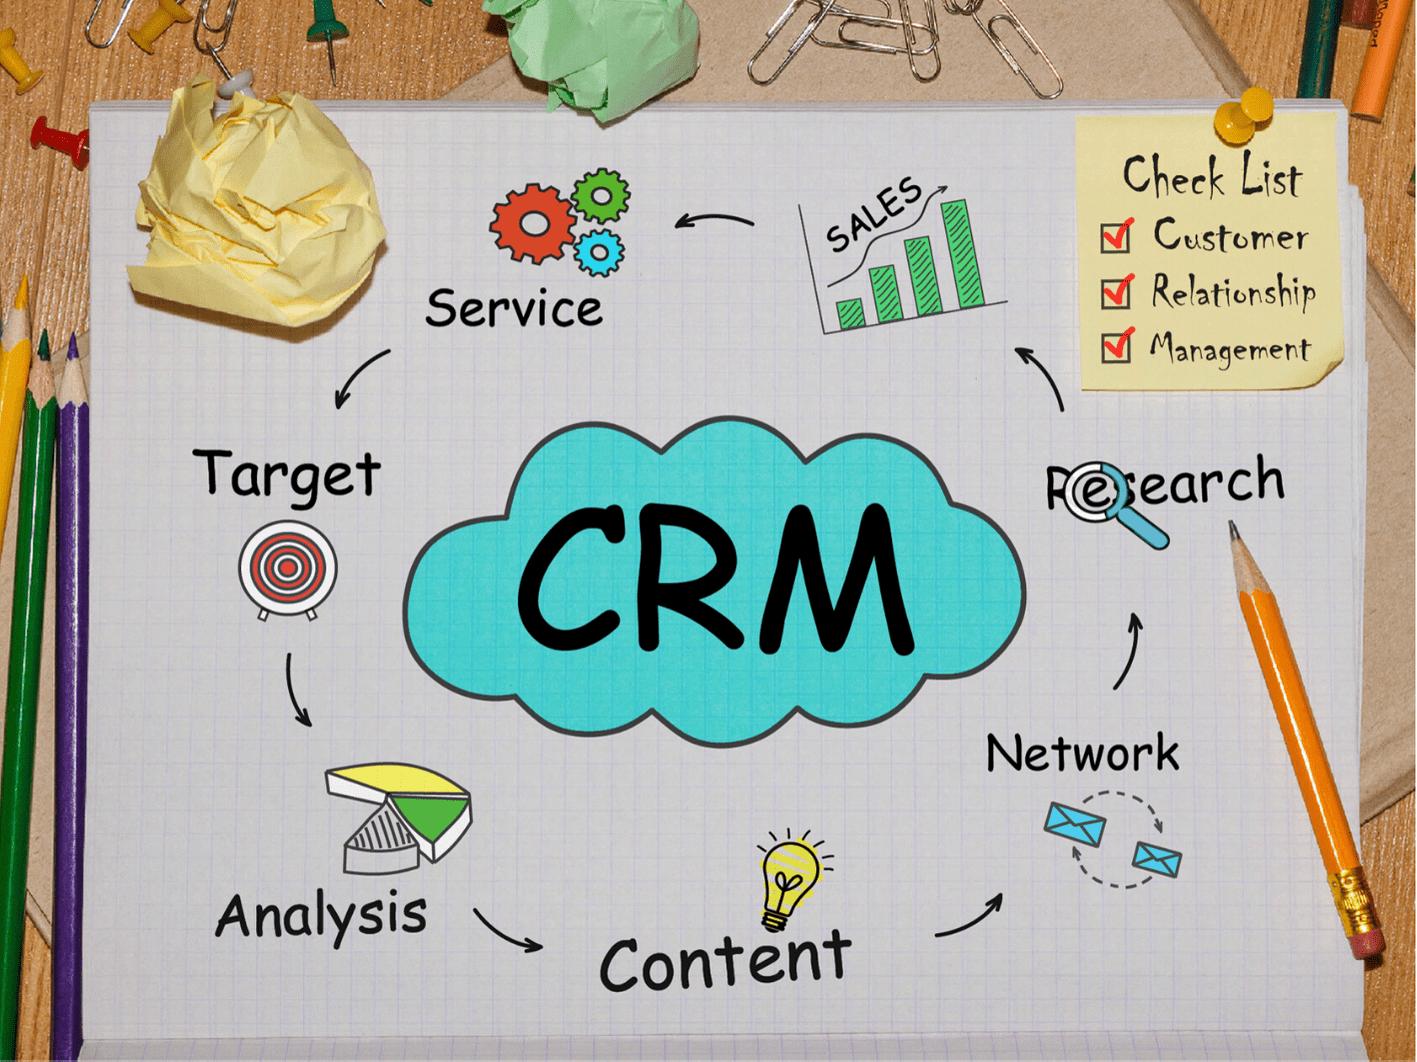 Полный цикл взаимодействия с клиентами в CRM-системе